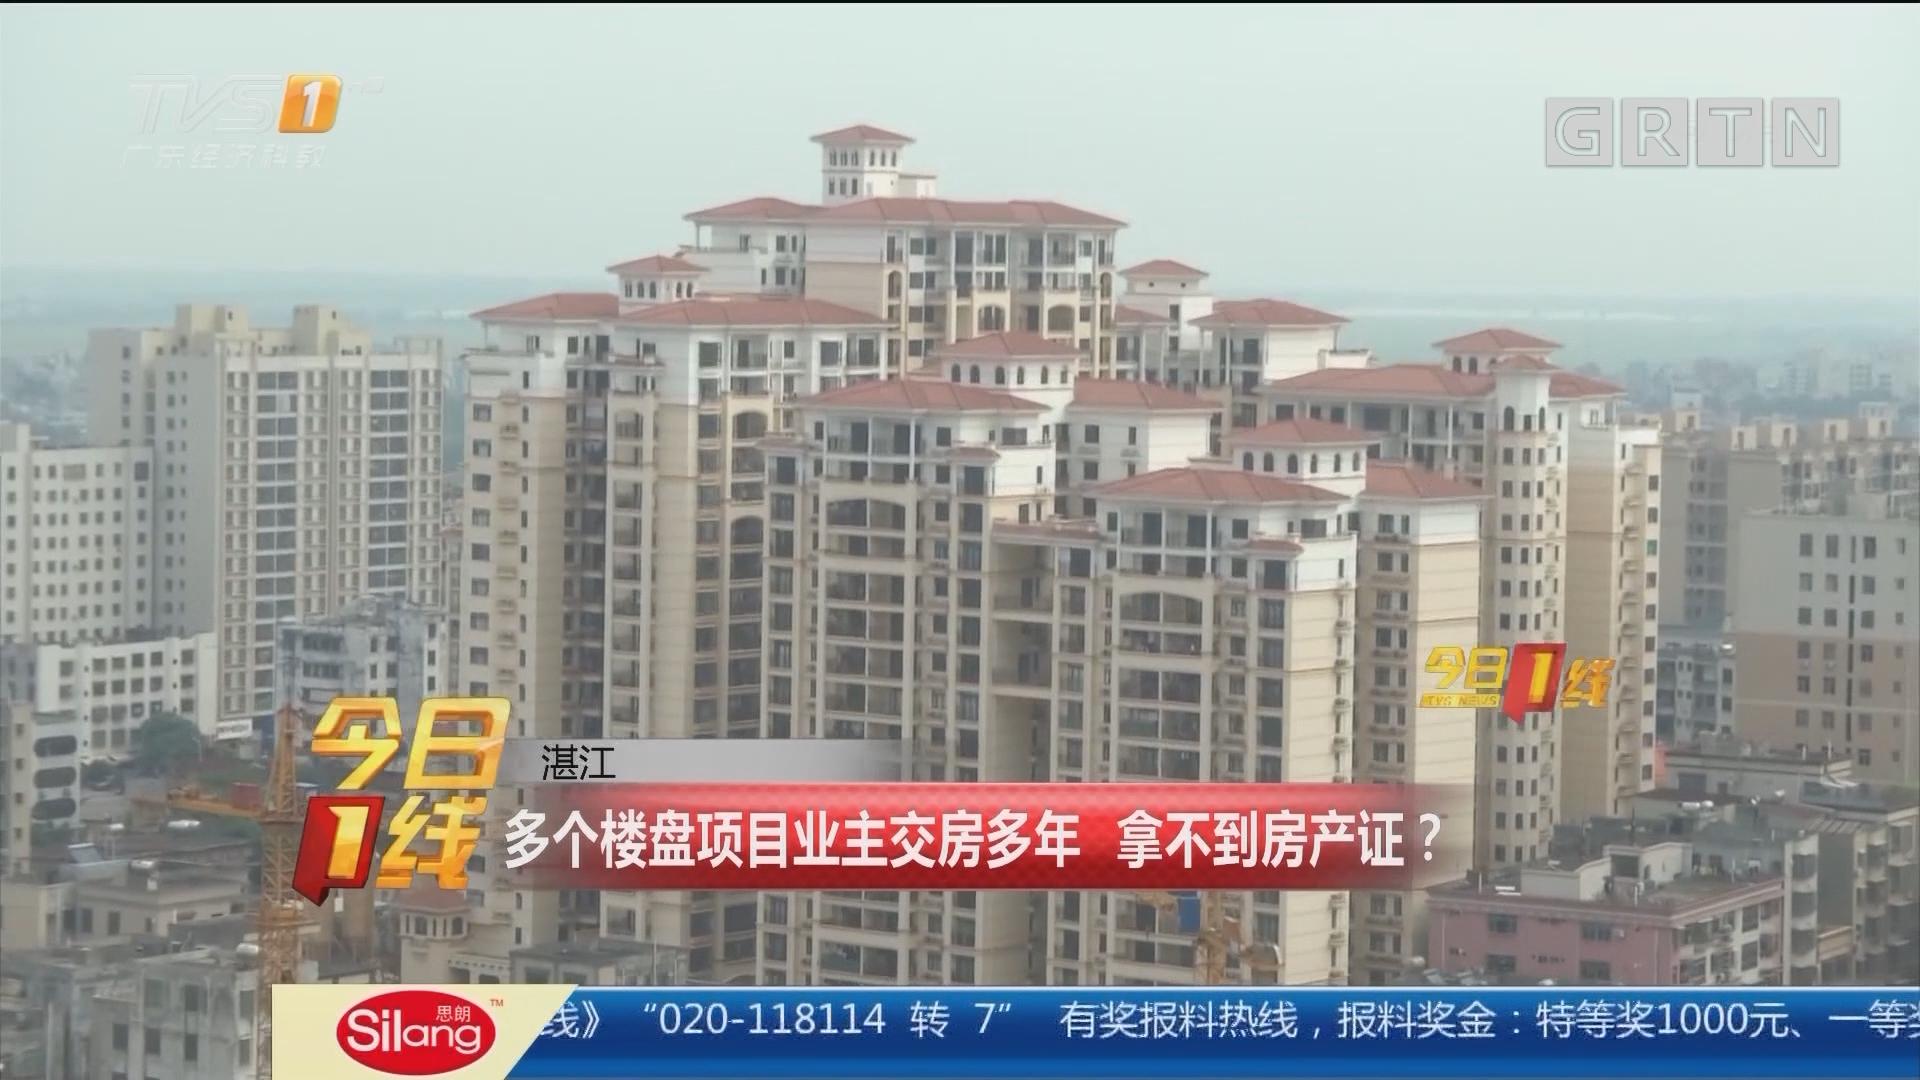 湛江:多个楼盘项目业主交房多年 拿不到房产证?